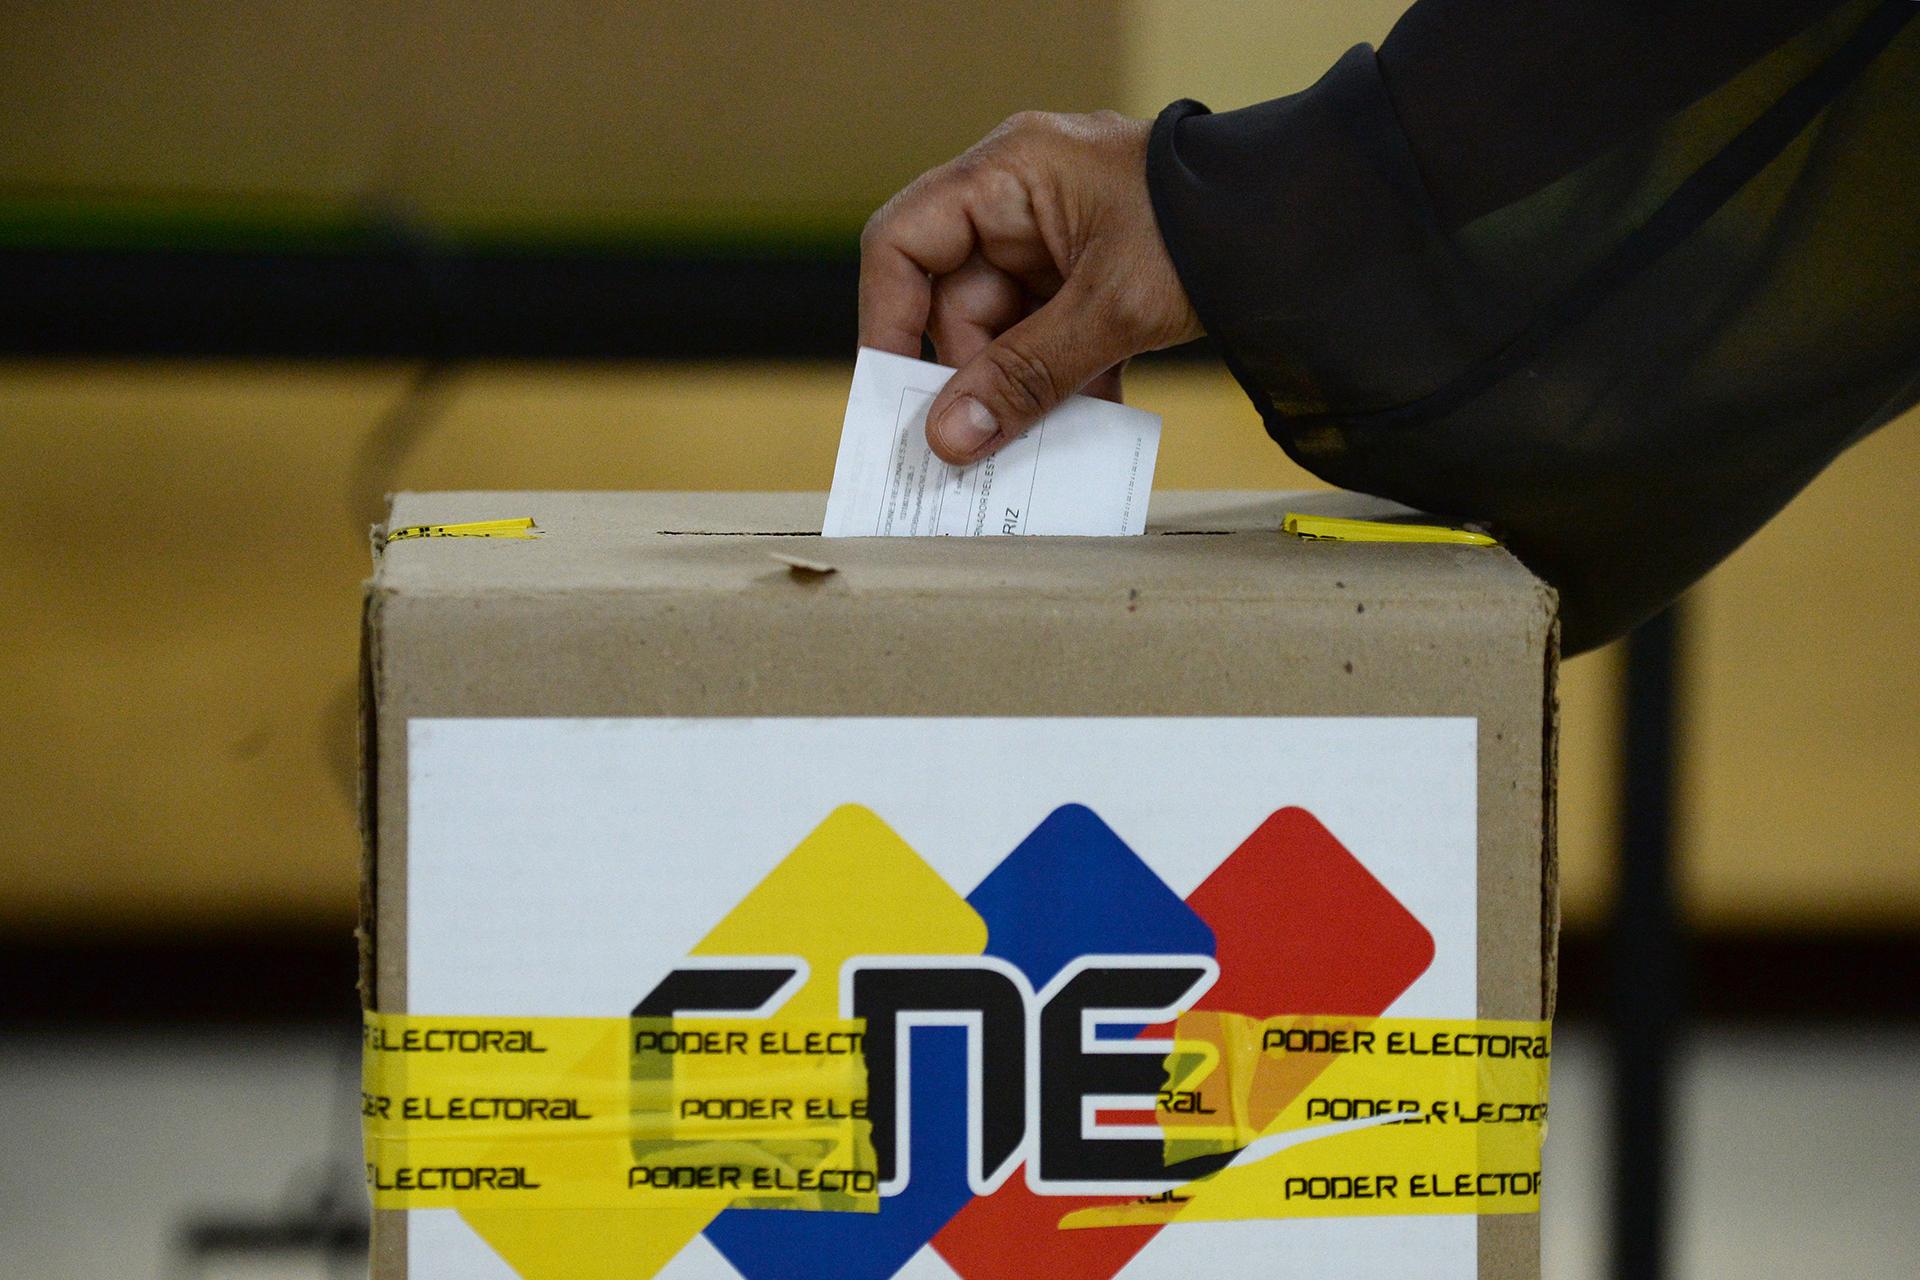 La presidenta del Consejo Nacional Electoral (CNE) de Venezuela, Tibisay Lucena, informóque el 99,92% de los centros estaban abiertos y atendiendo a votantes